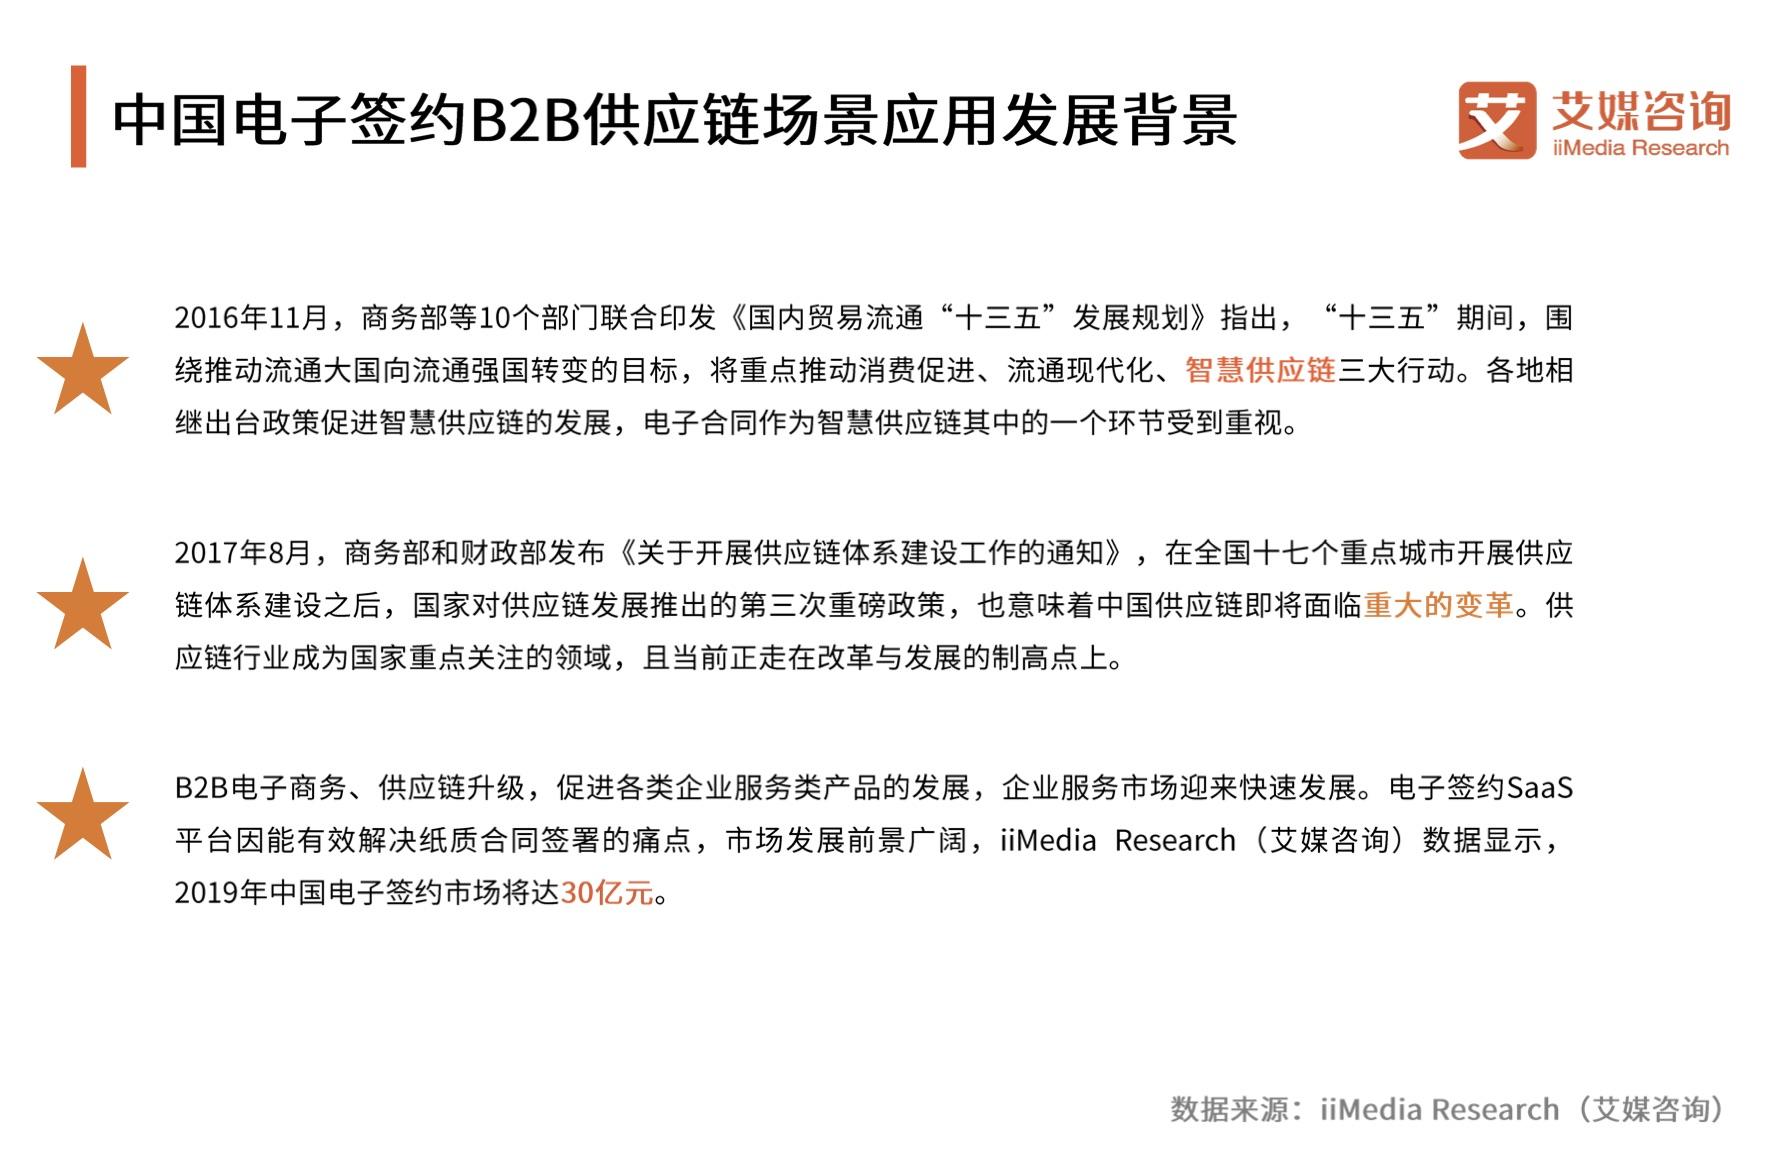 2018年中国电子签约供应链场景应用监测报告